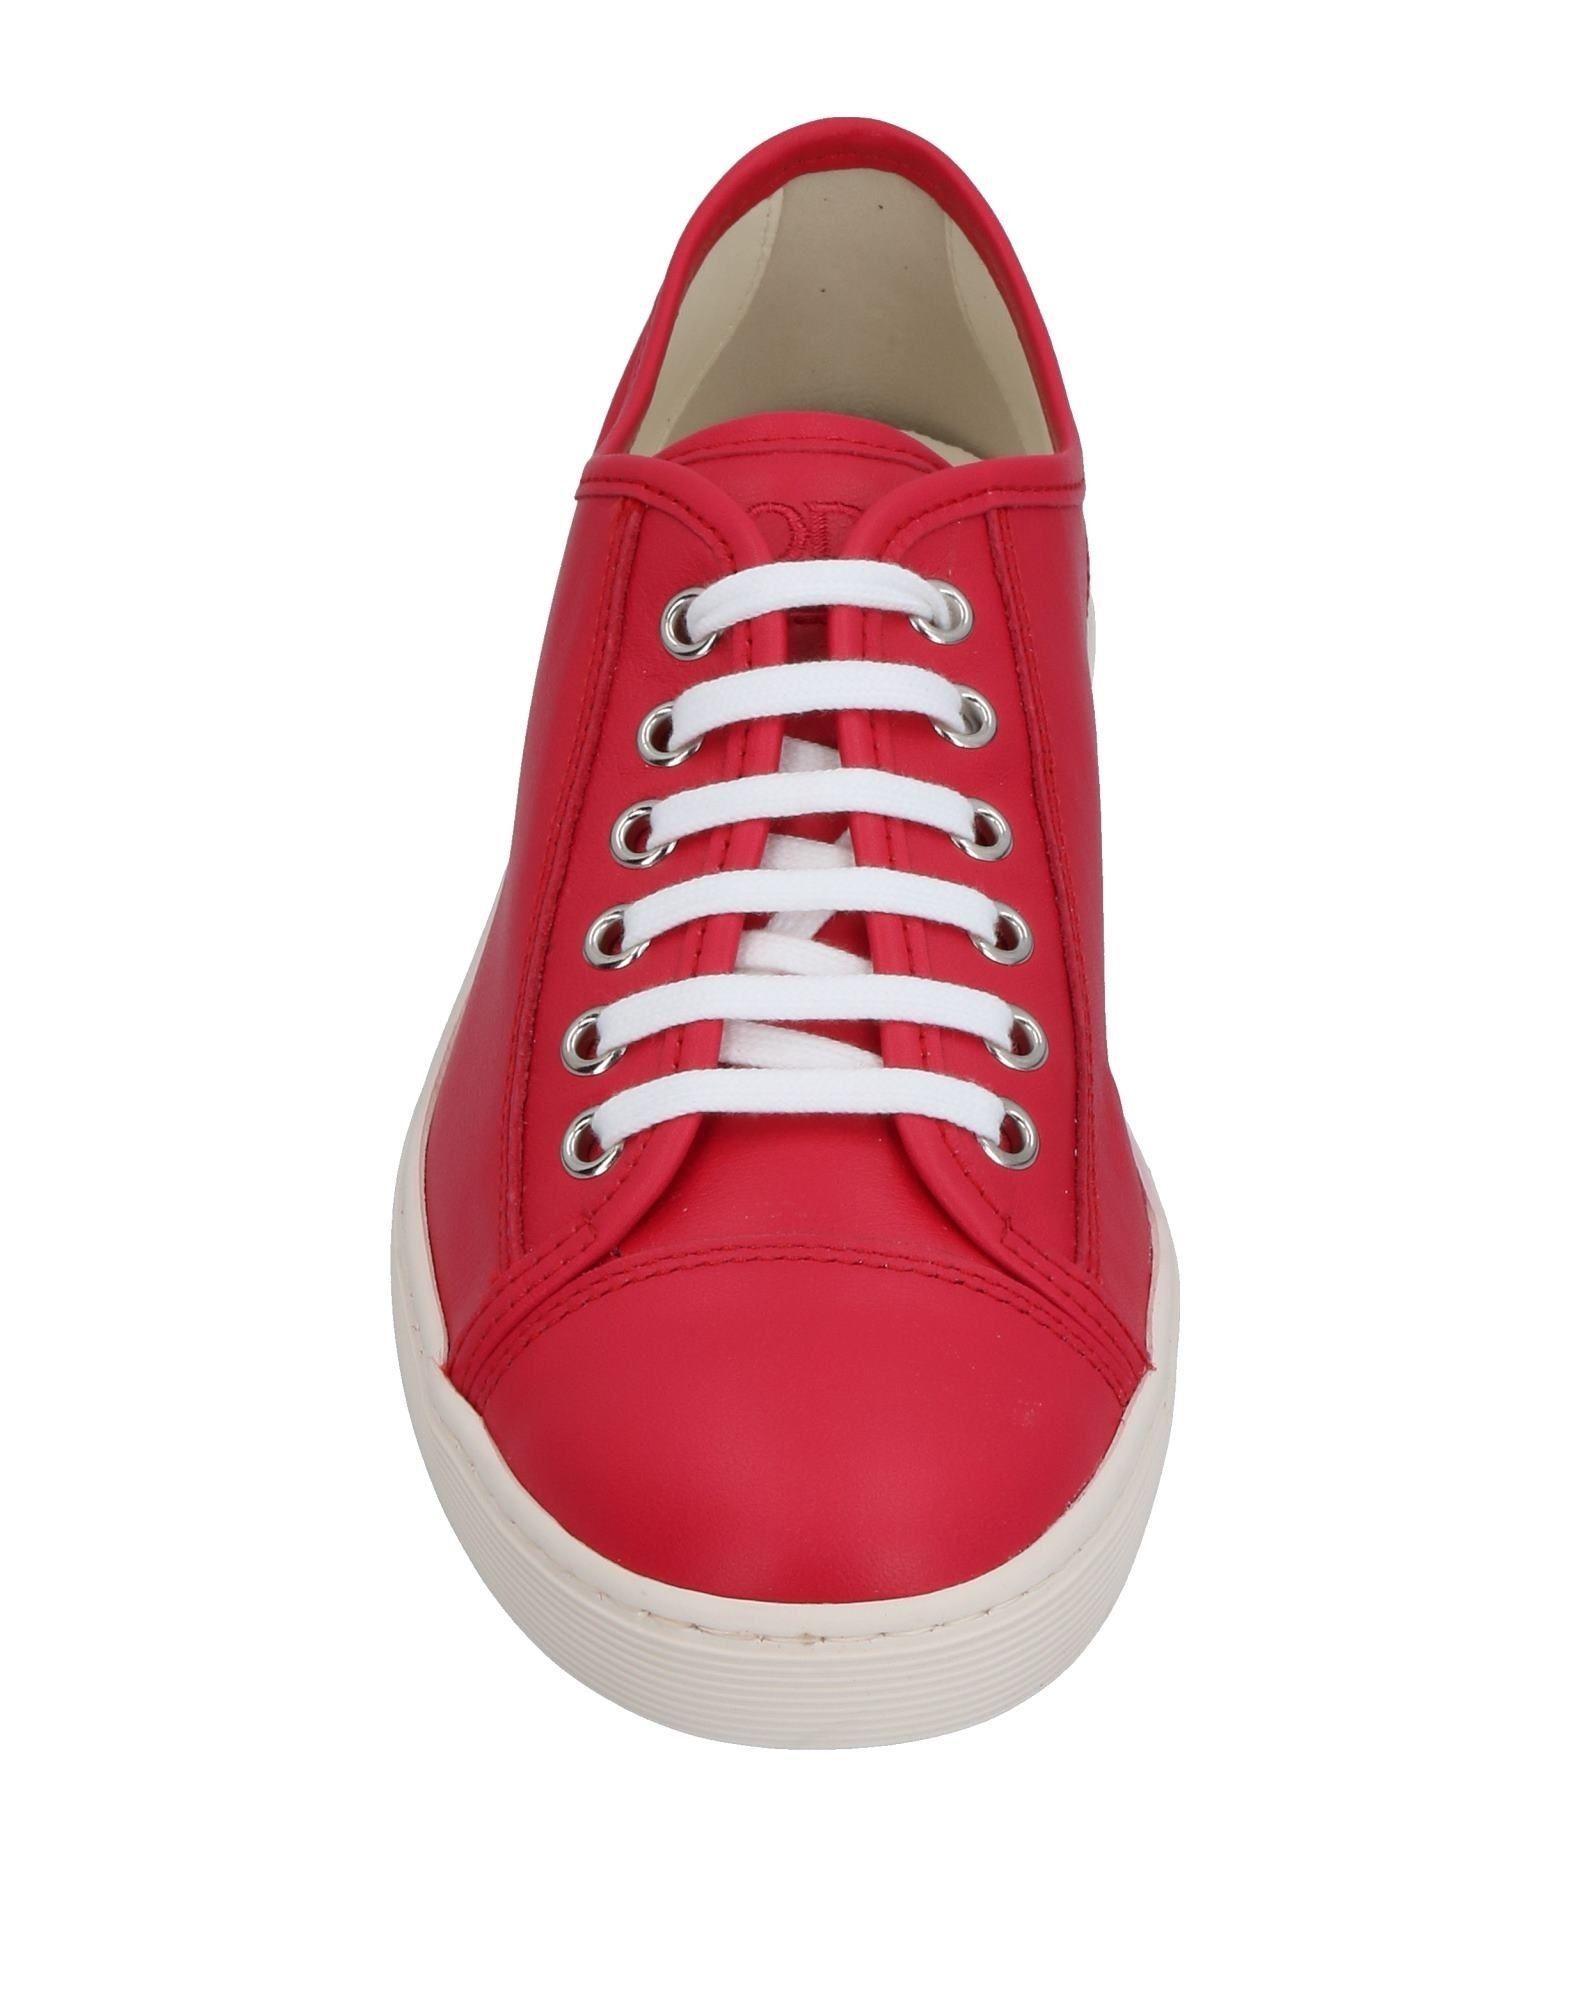 Stilvolle billige  Schuhe Tod's Sneakers Damen  billige 11396536VW 050346